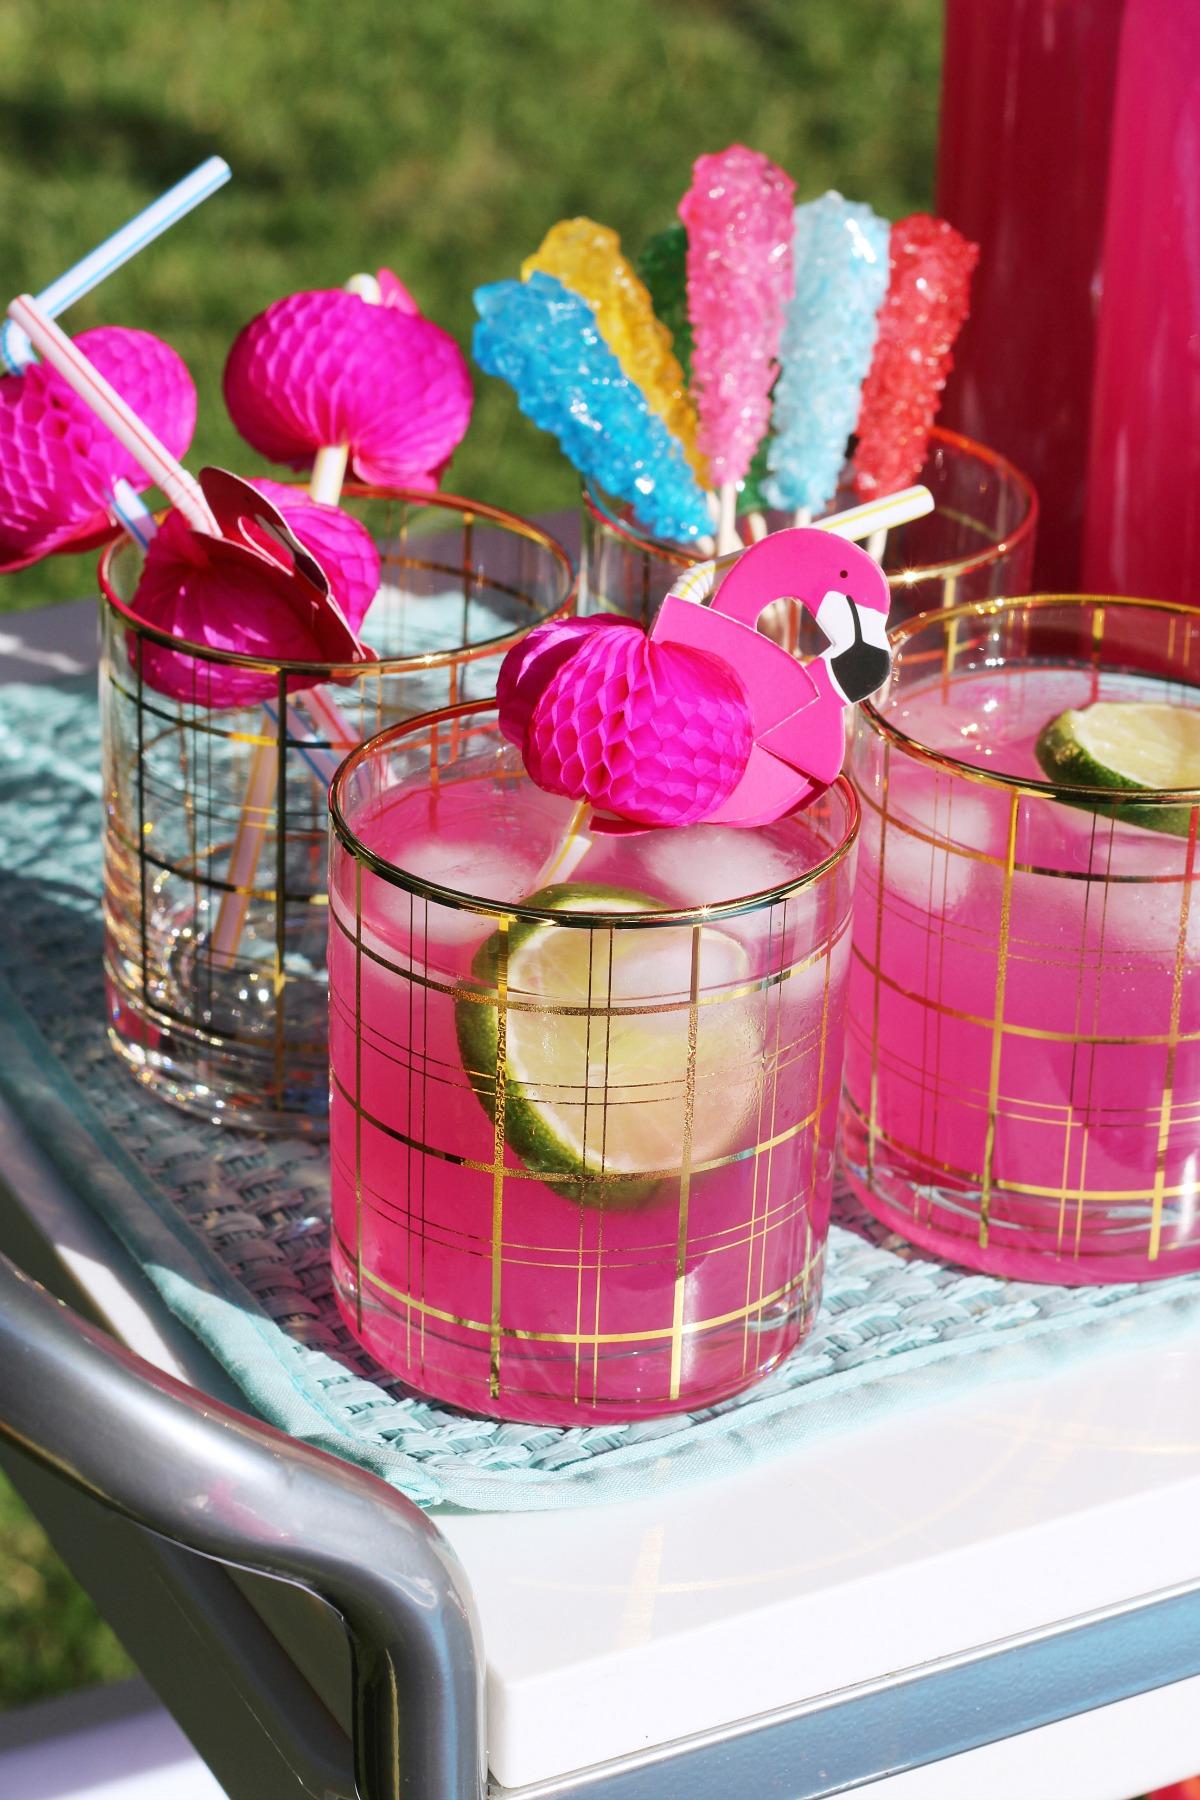 Pink Lemonade and flamingo